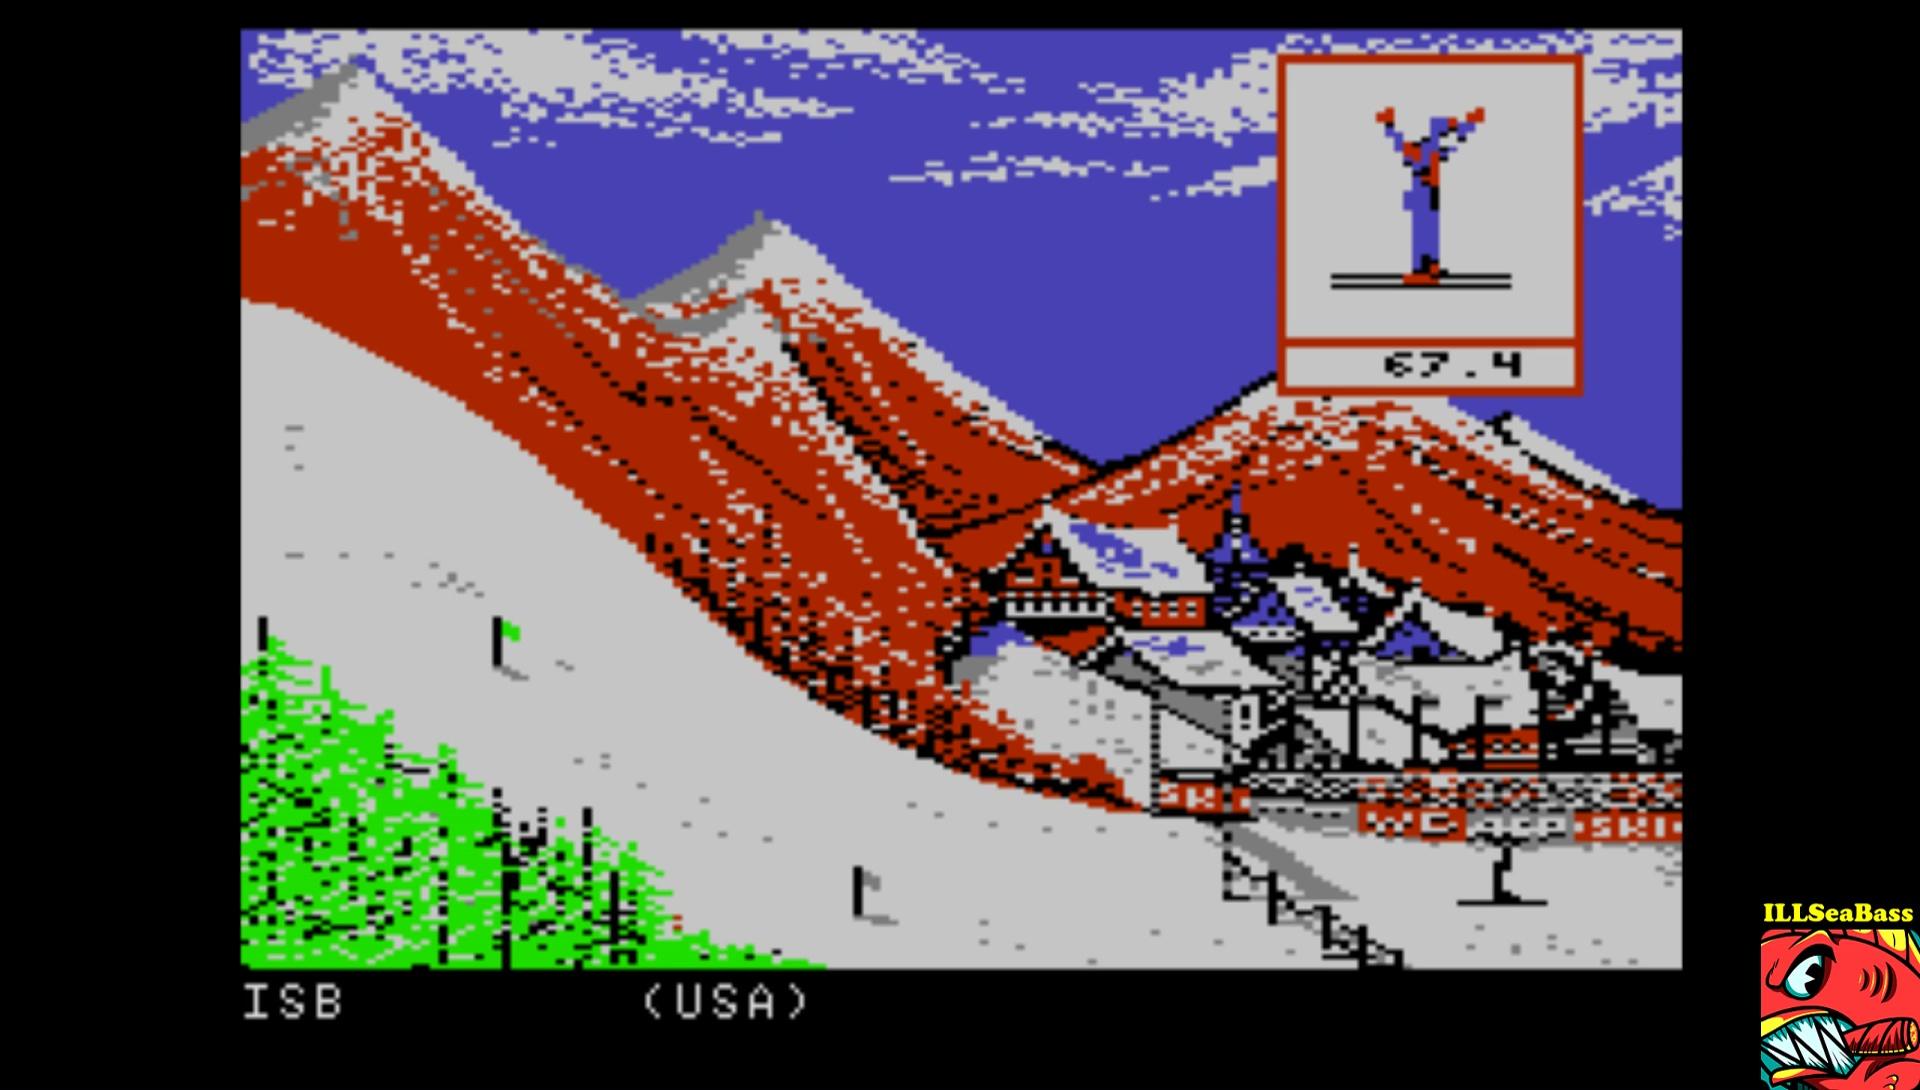 ILLSeaBass: Winter Games: Ski Jump (Atari 7800 Emulated) 216 points on 2017-02-16 21:20:14